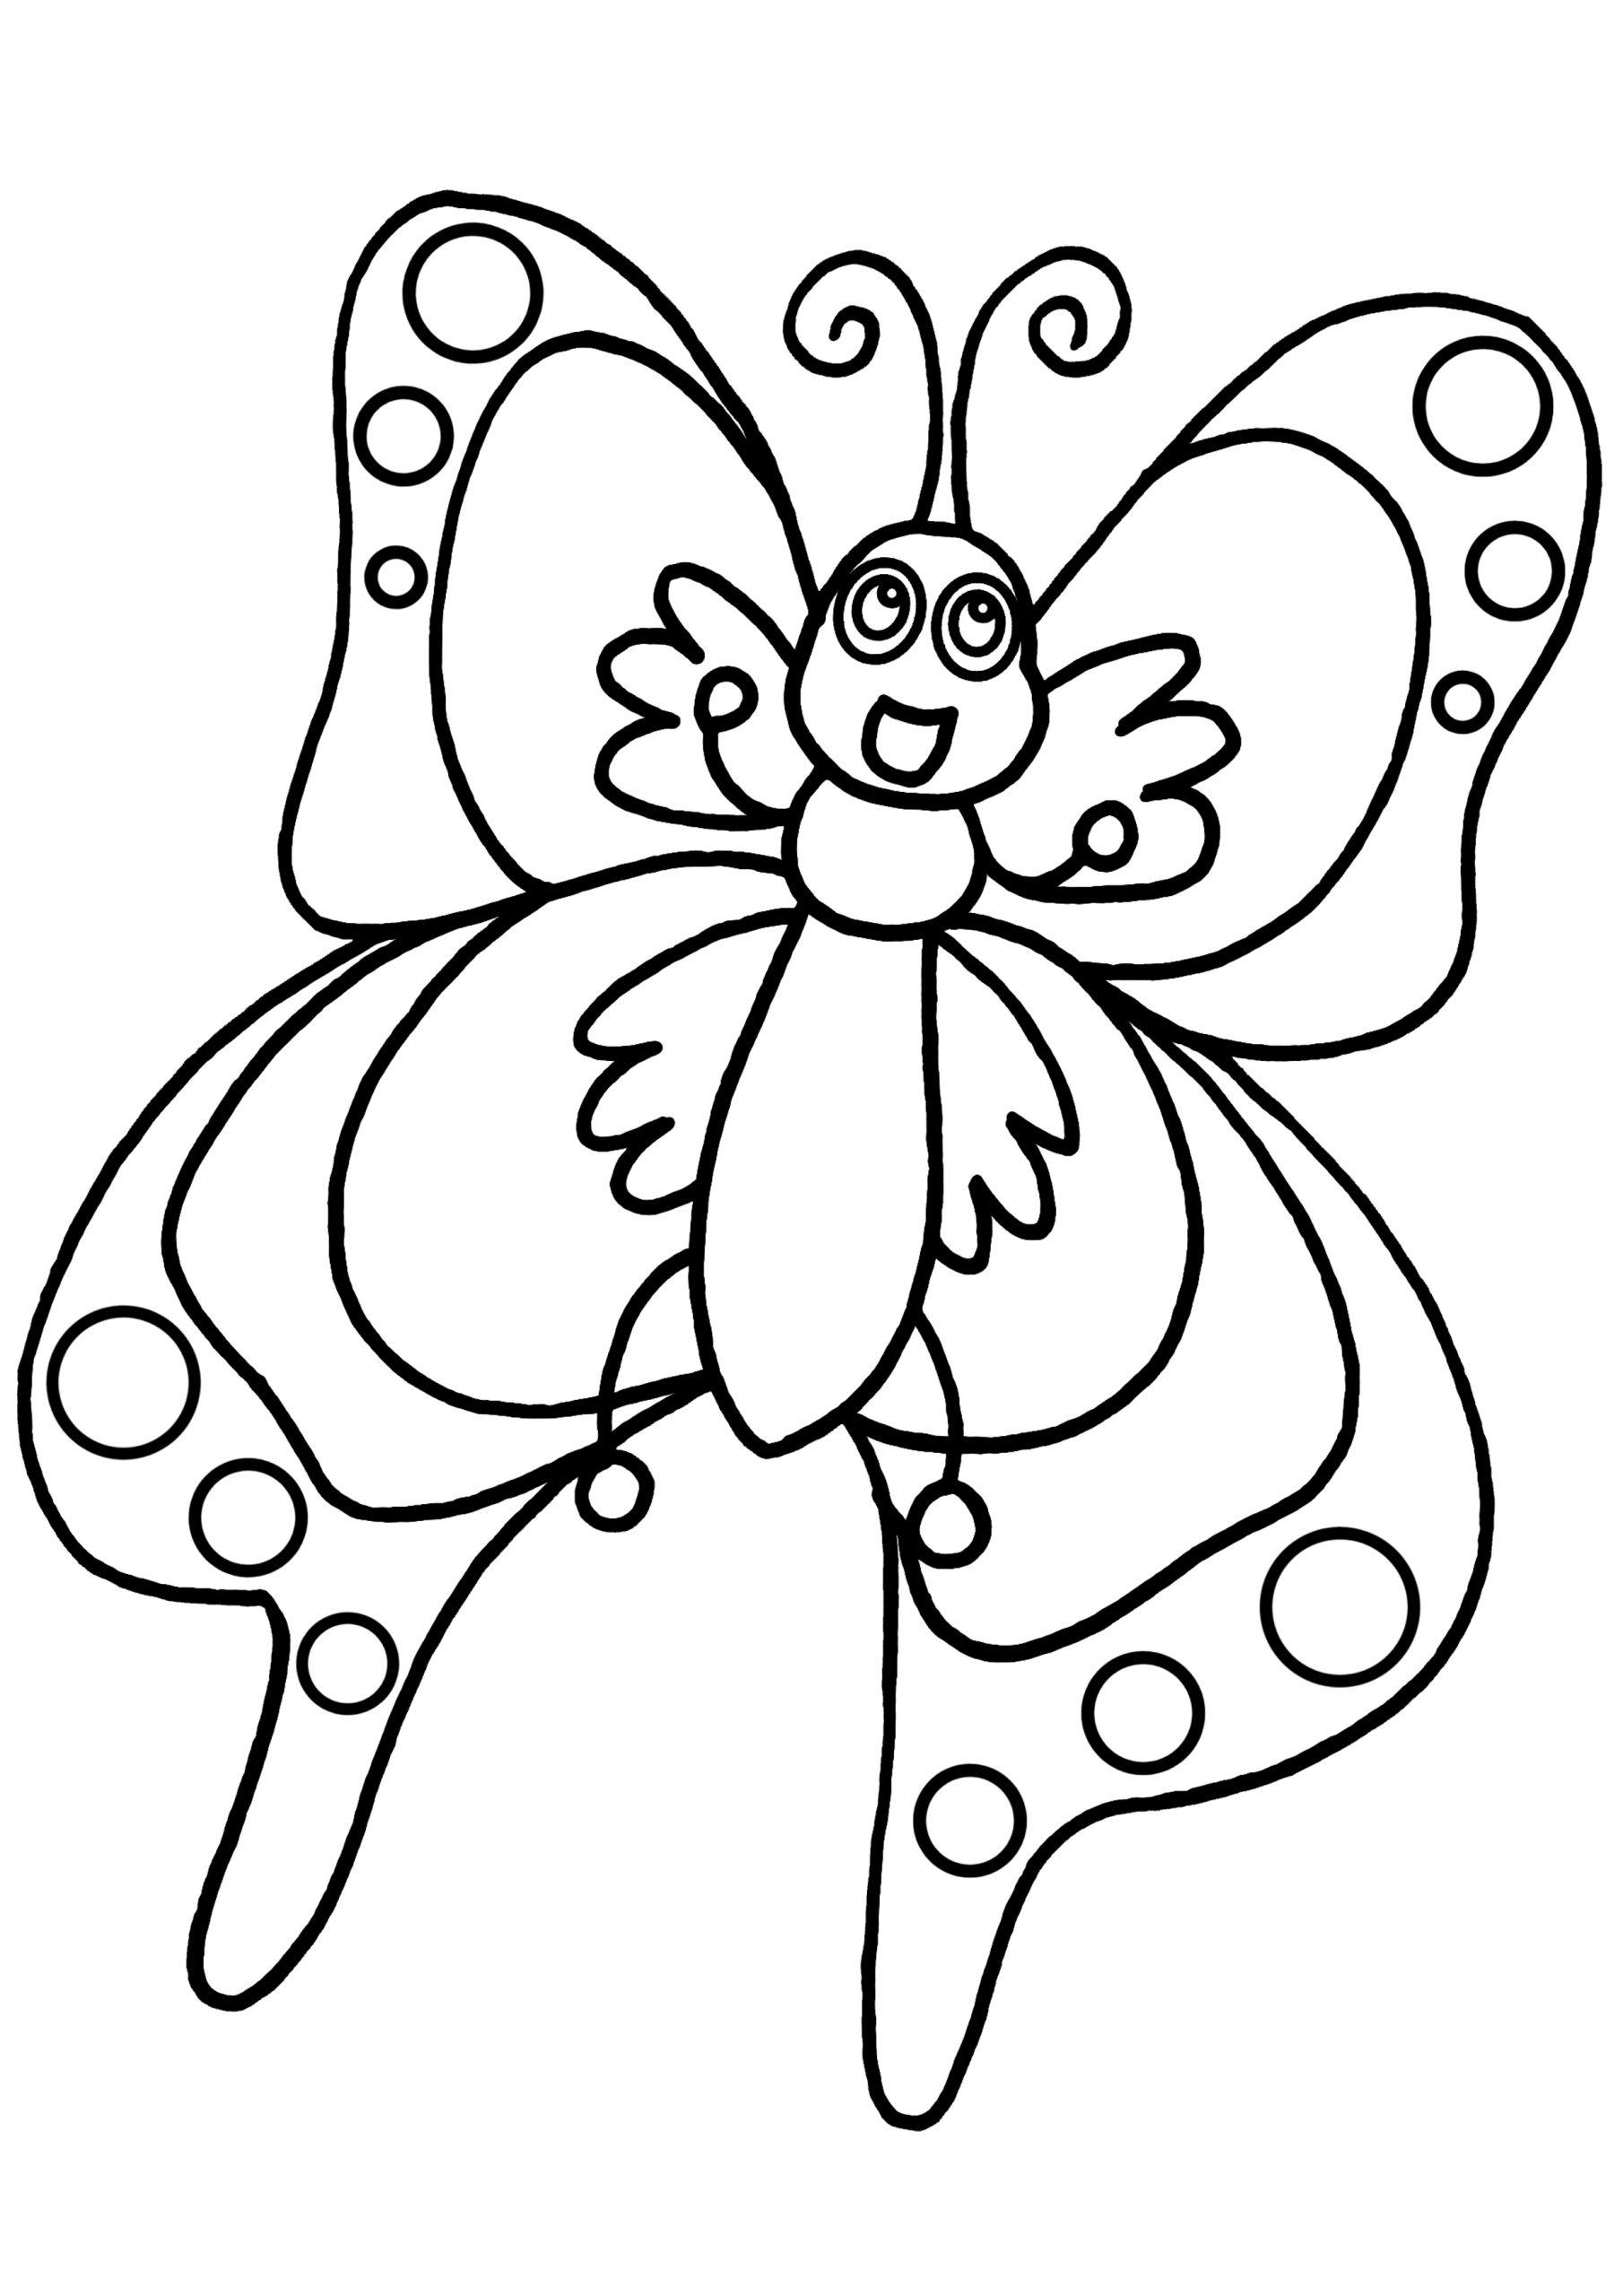 Coloriage Papillon - Les Beaux Dessins De Animaux À Imprimer avec Dessin Papillon À Colorier